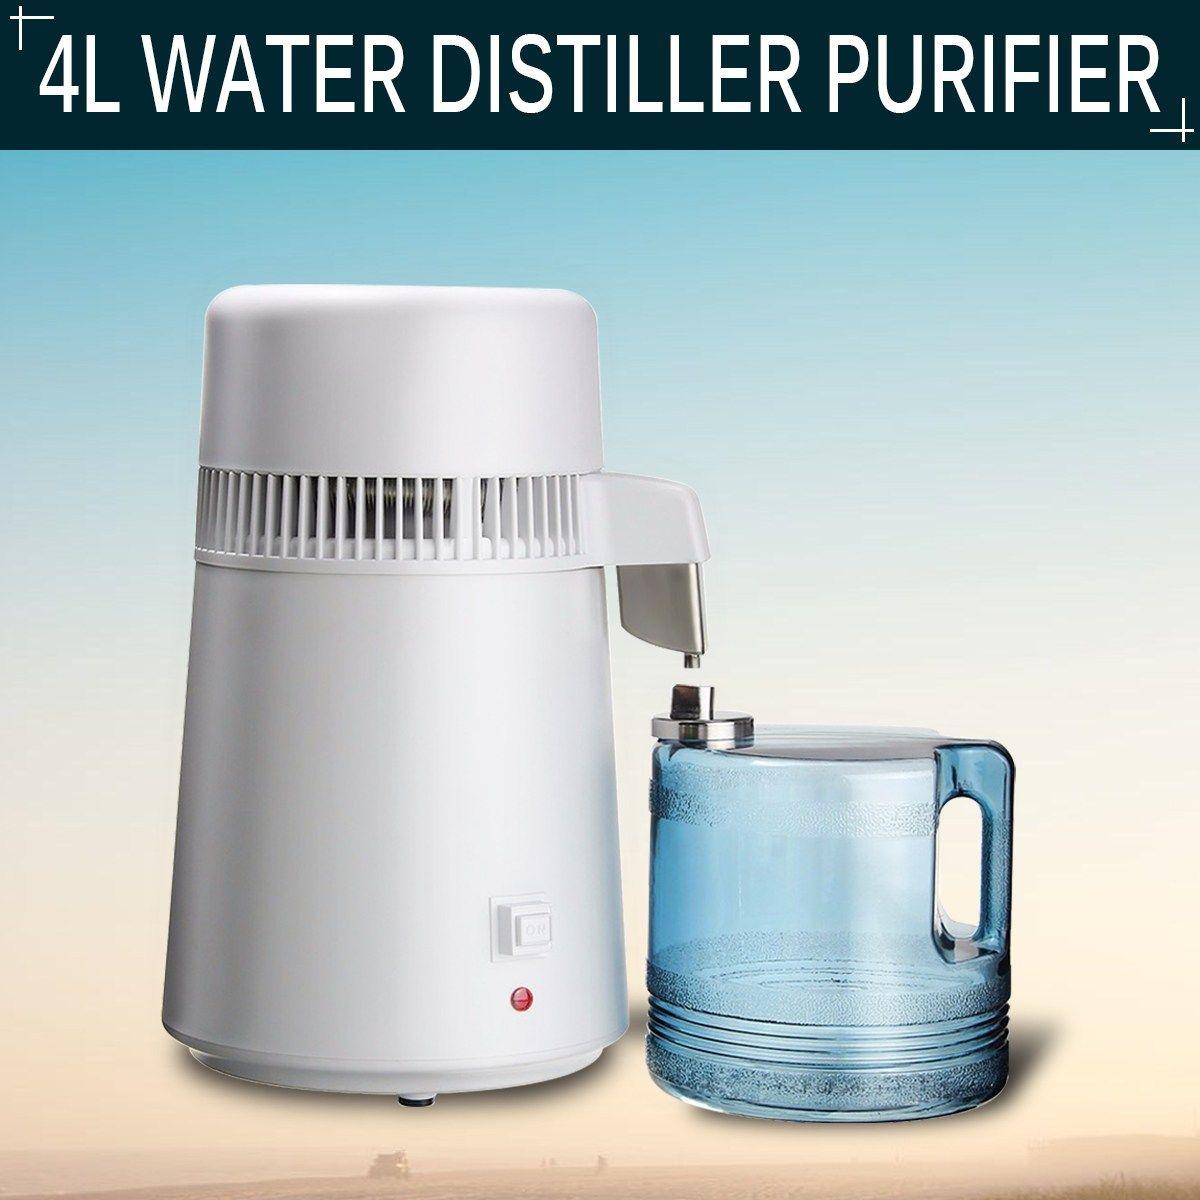 1 Satz 110 V/220 V Destilliertem Wasser Maschine Sicheren Gesundheit Wasserdestilliergerät Edelstahl Haushalt/Kommerziellen/Lab Verwenden Wasser Brennerei